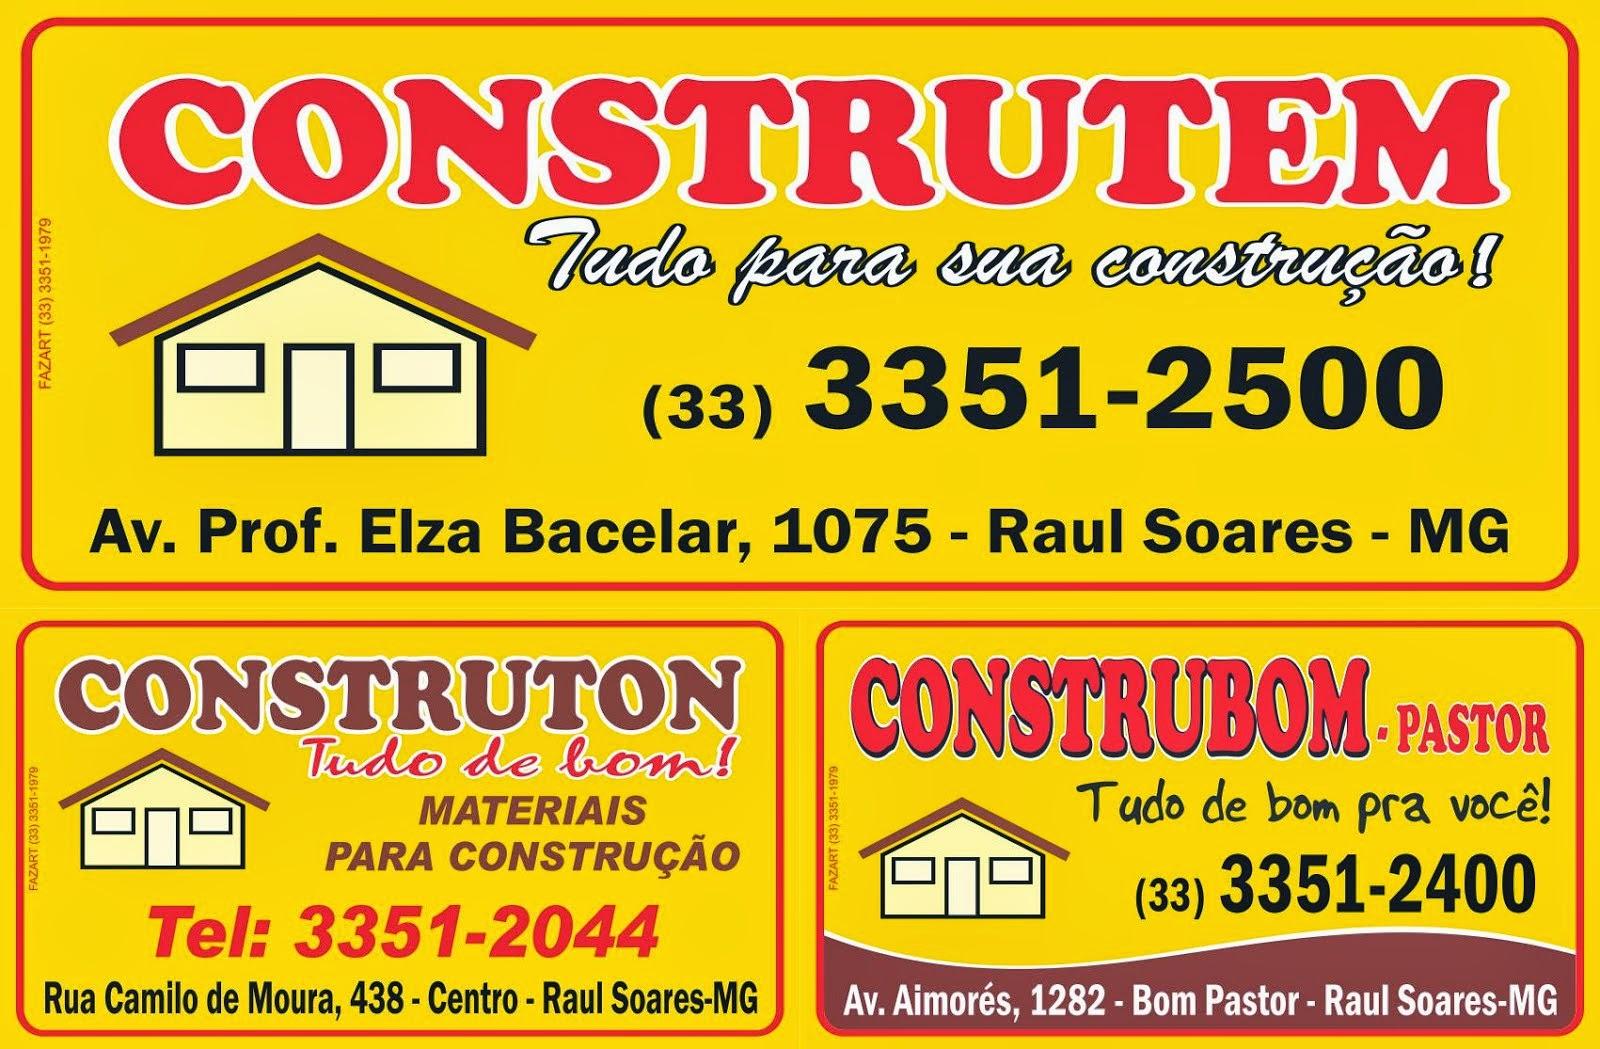 CONSTRUTEM, CONSTRUBOM PASTOR E CONSTRUTON - Clique no banner